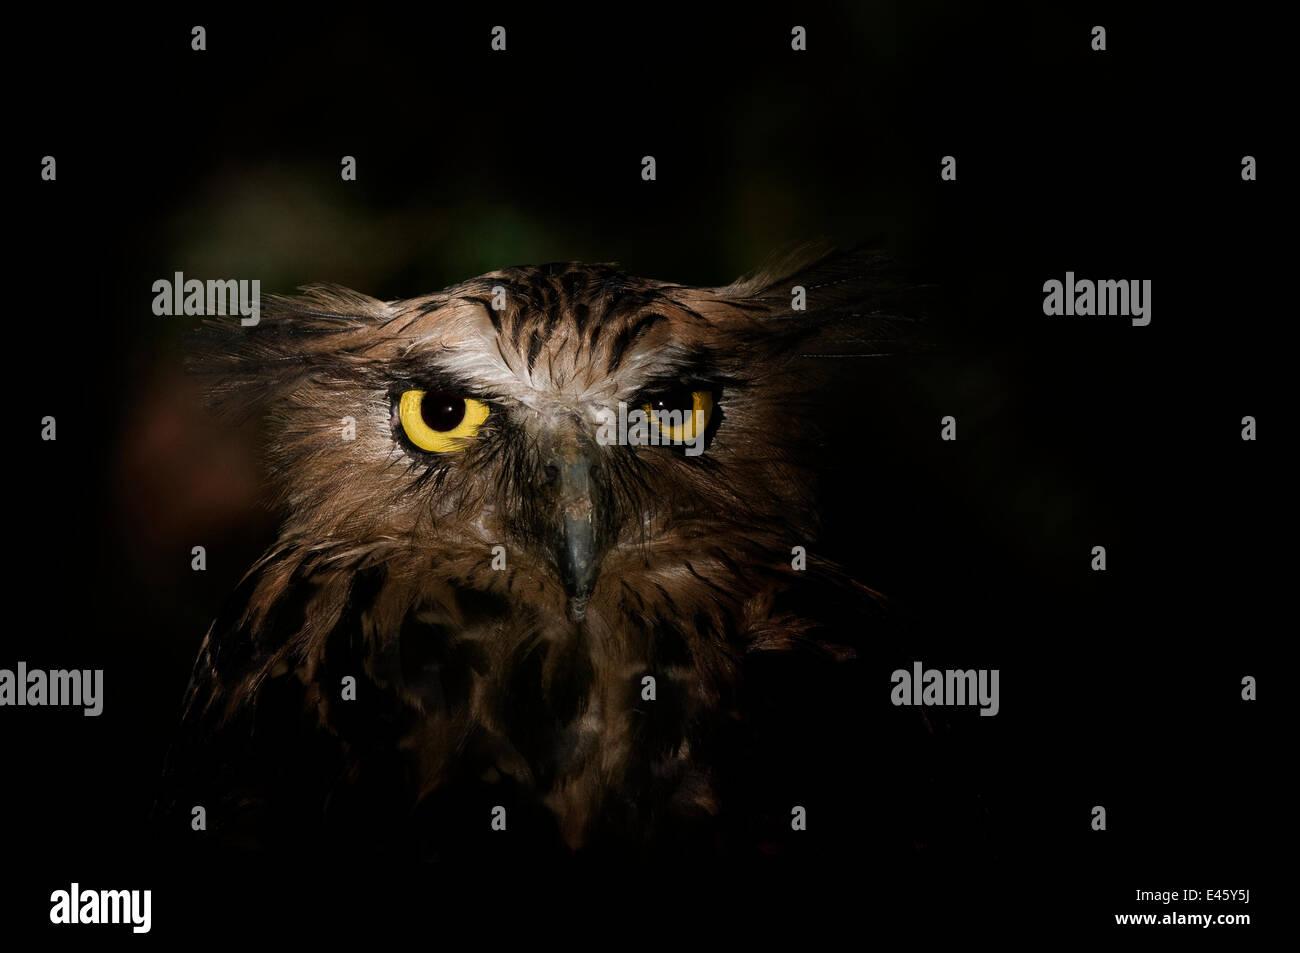 Buffy fish owl (Ketupa ketupa) head portrait,  captive - Stock Image